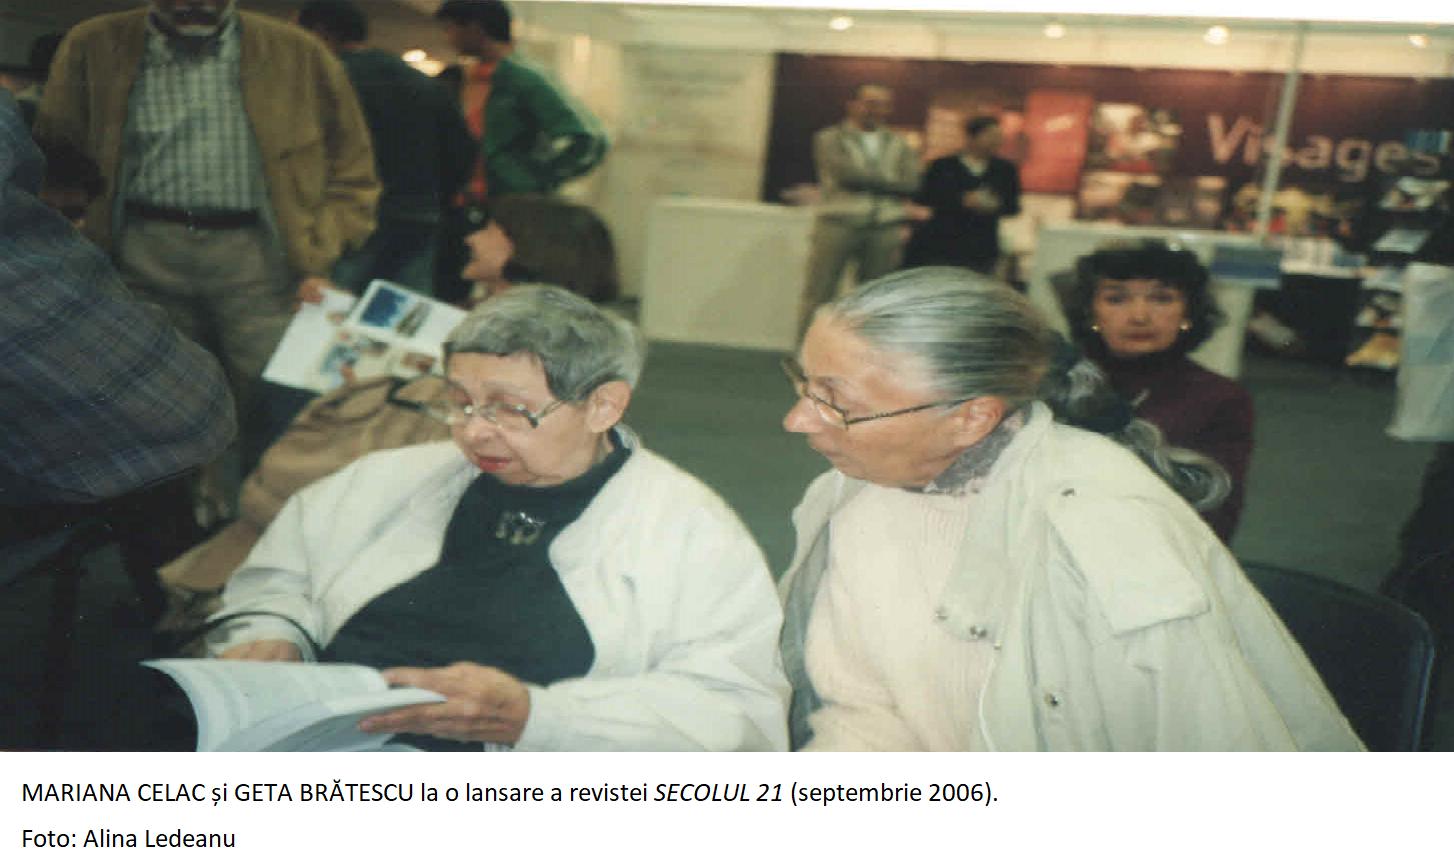 Mariana Celac si Geta Bratescu